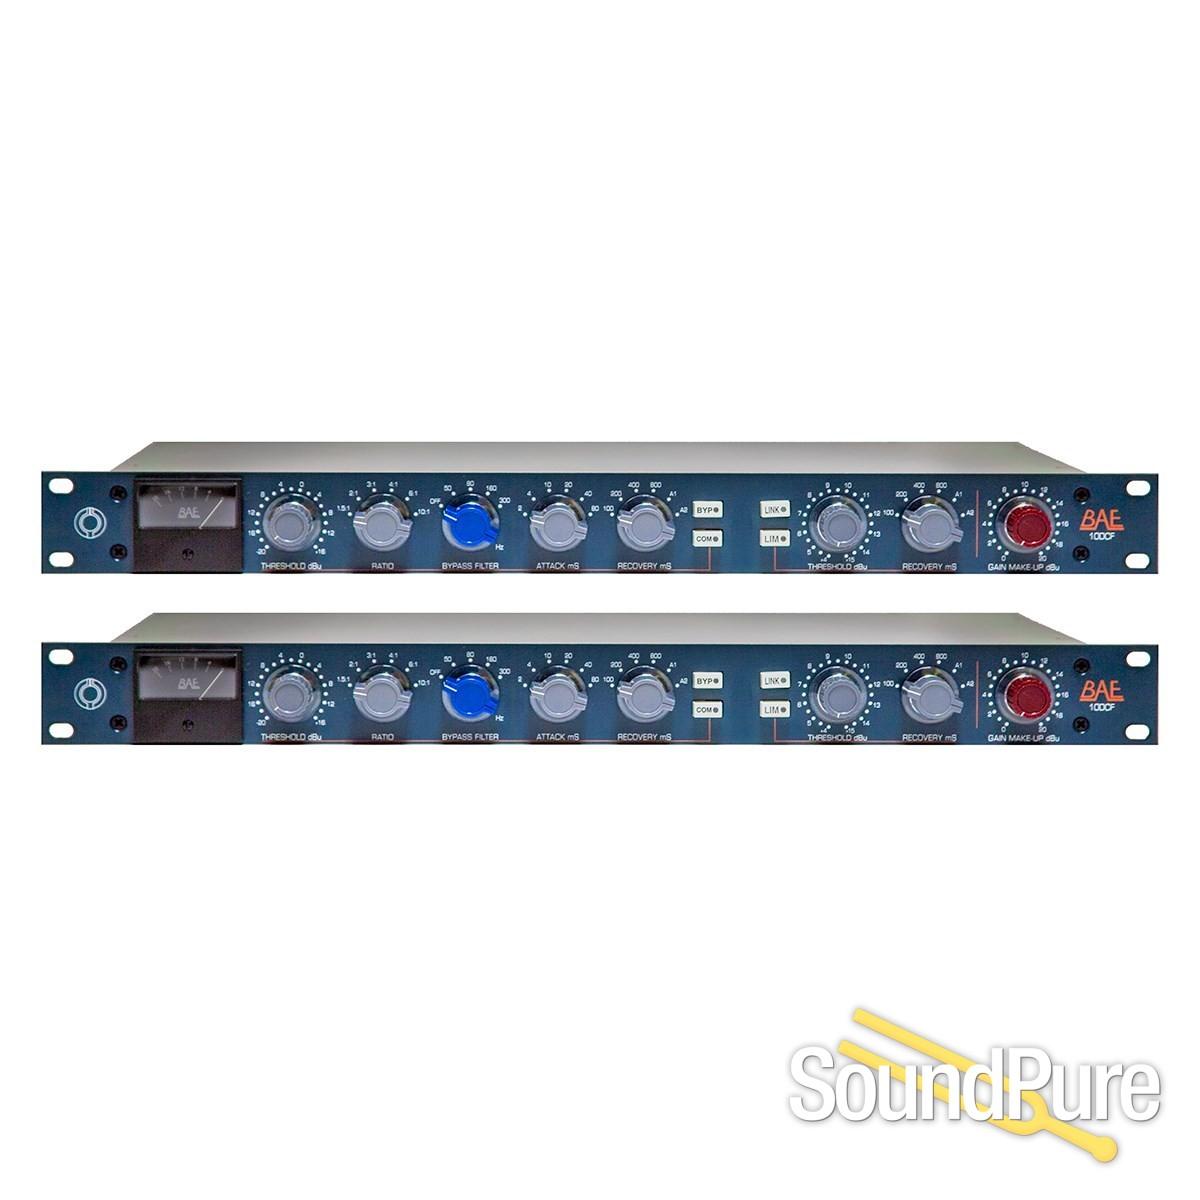 BAE 10DCF Compressor/Limiter (Stereo Pair) | Soundpure com